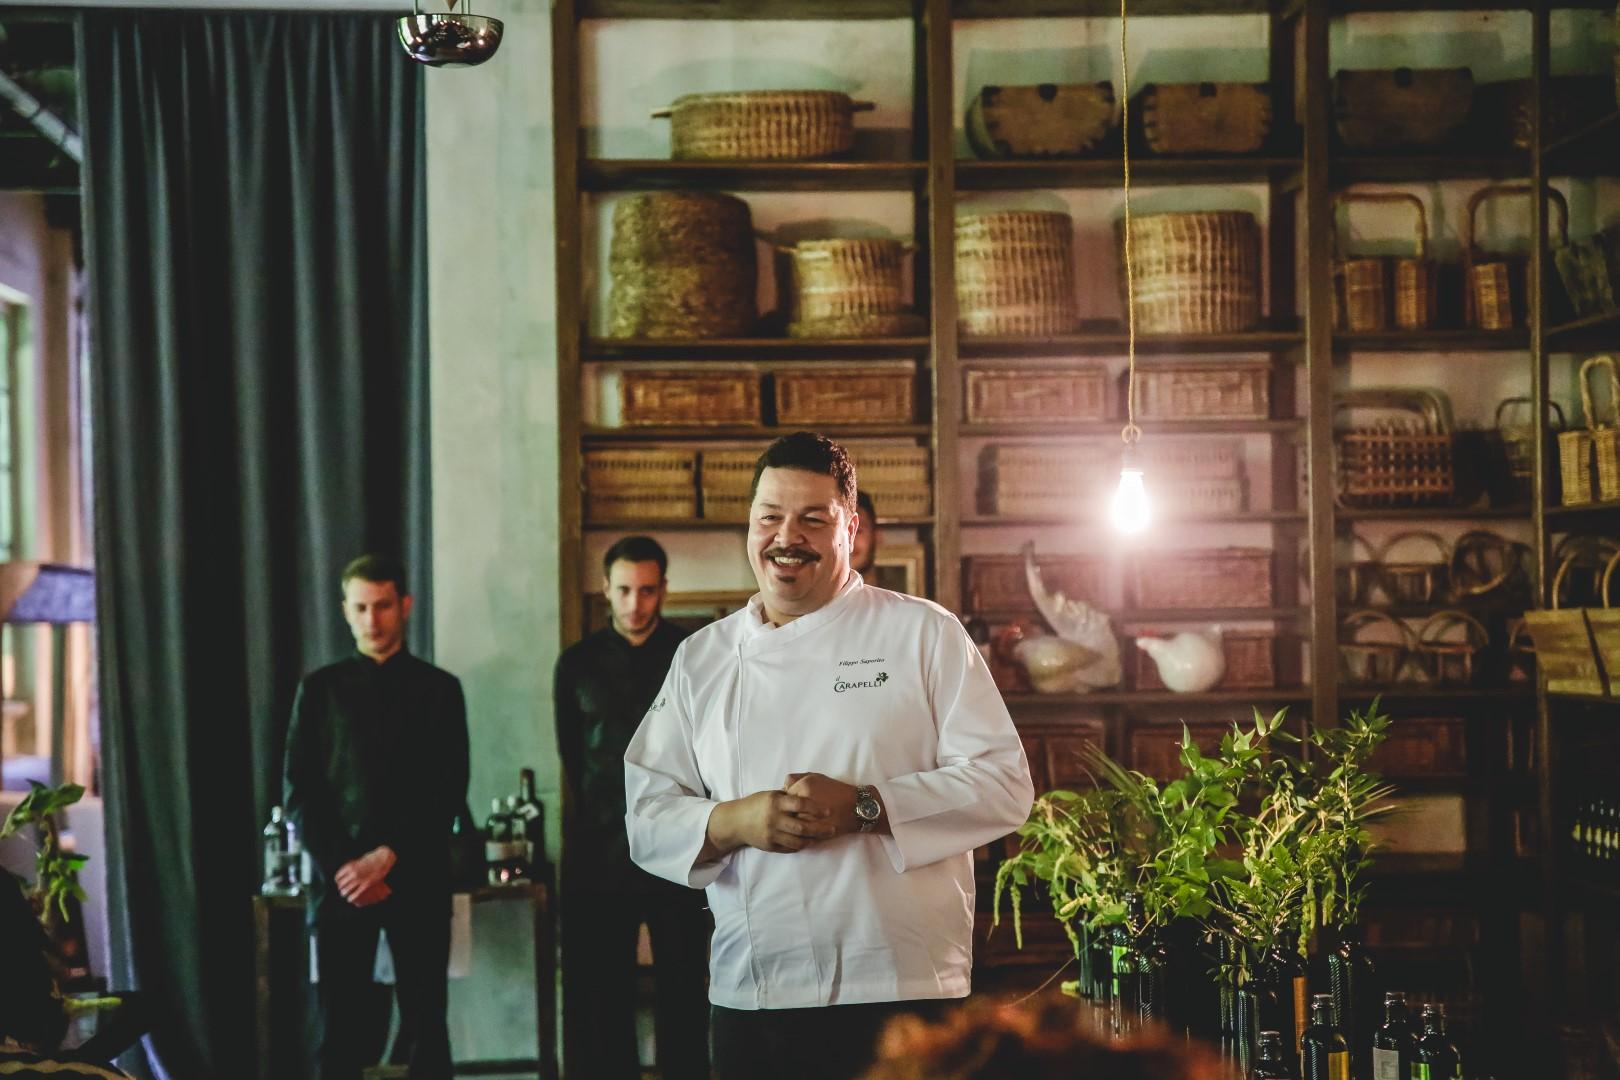 Carapelli Milano ristorante temporary